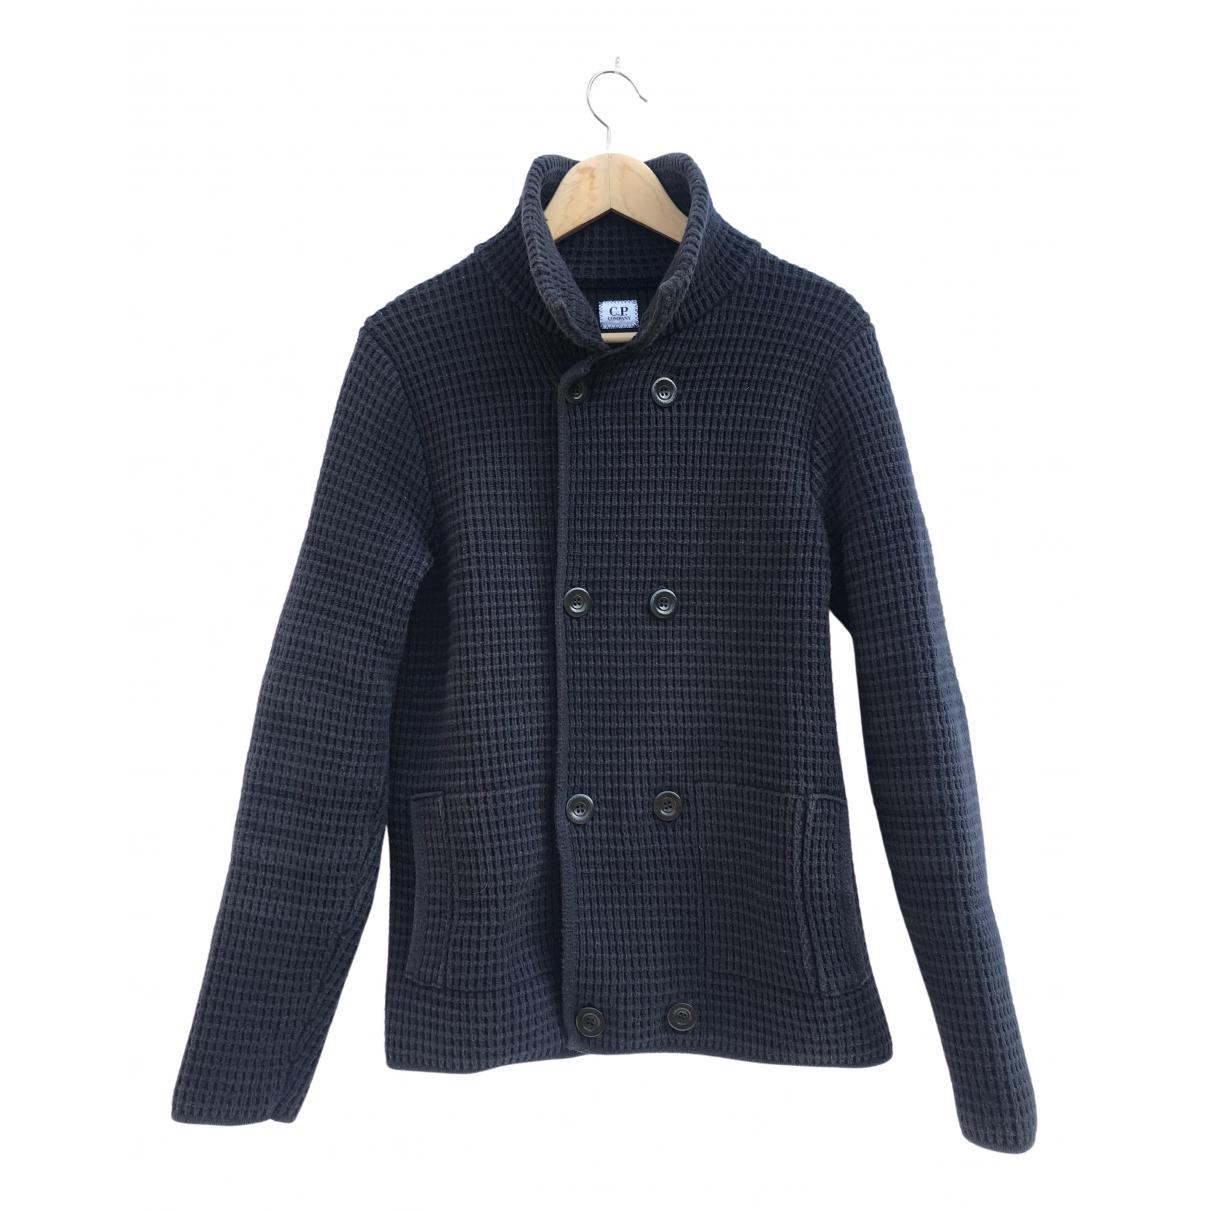 Cp Company - Vestes.Blousons   pour homme en coton - bleu